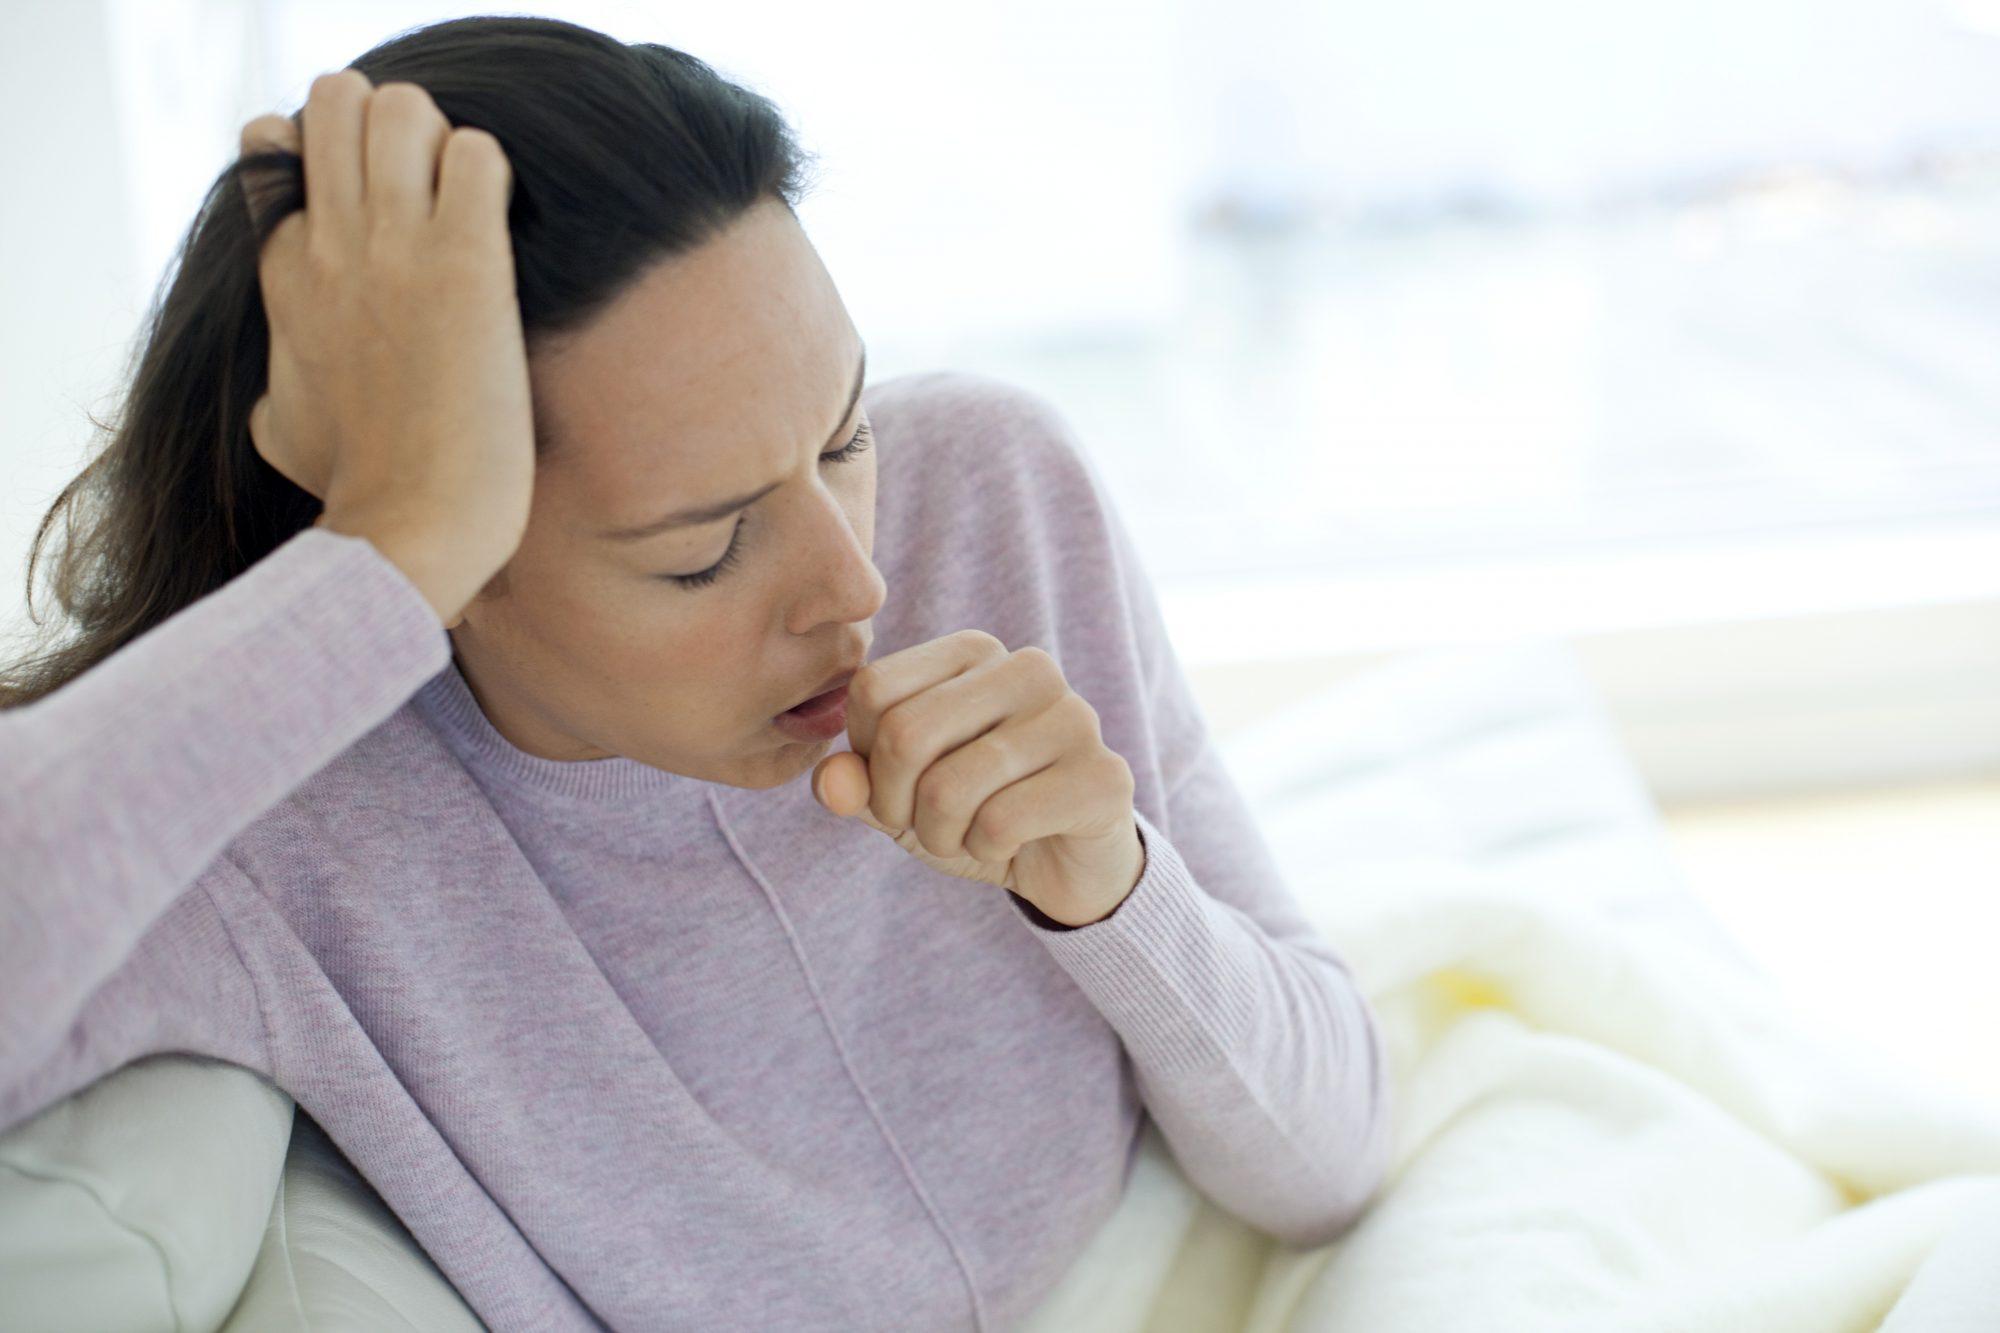 cough-coronavirus.jpg